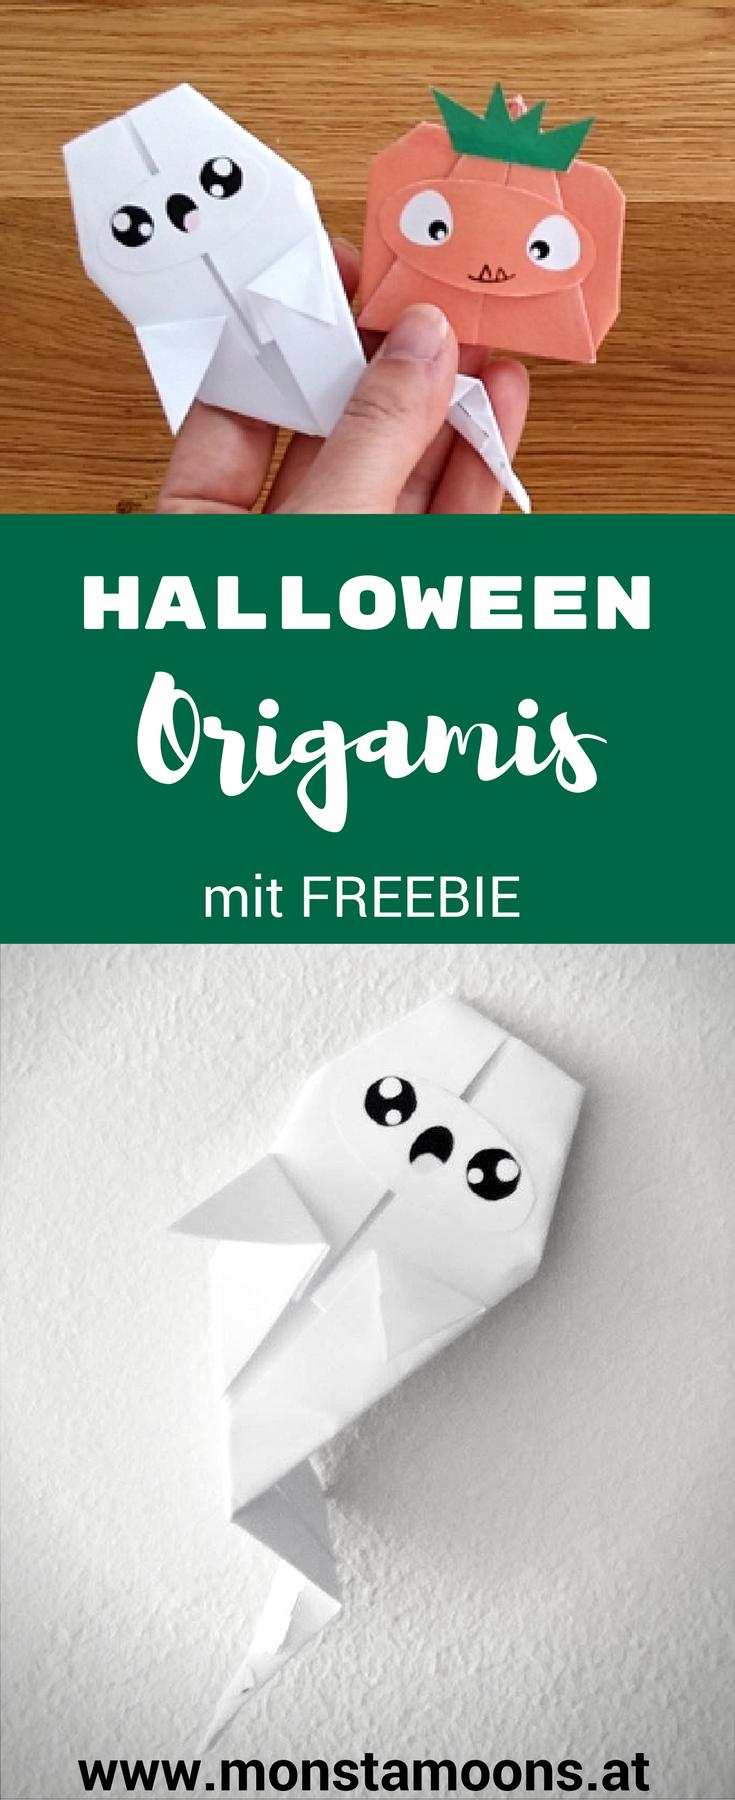 So bastelst du einfache Origamis für Halloween - mit Freebie ...